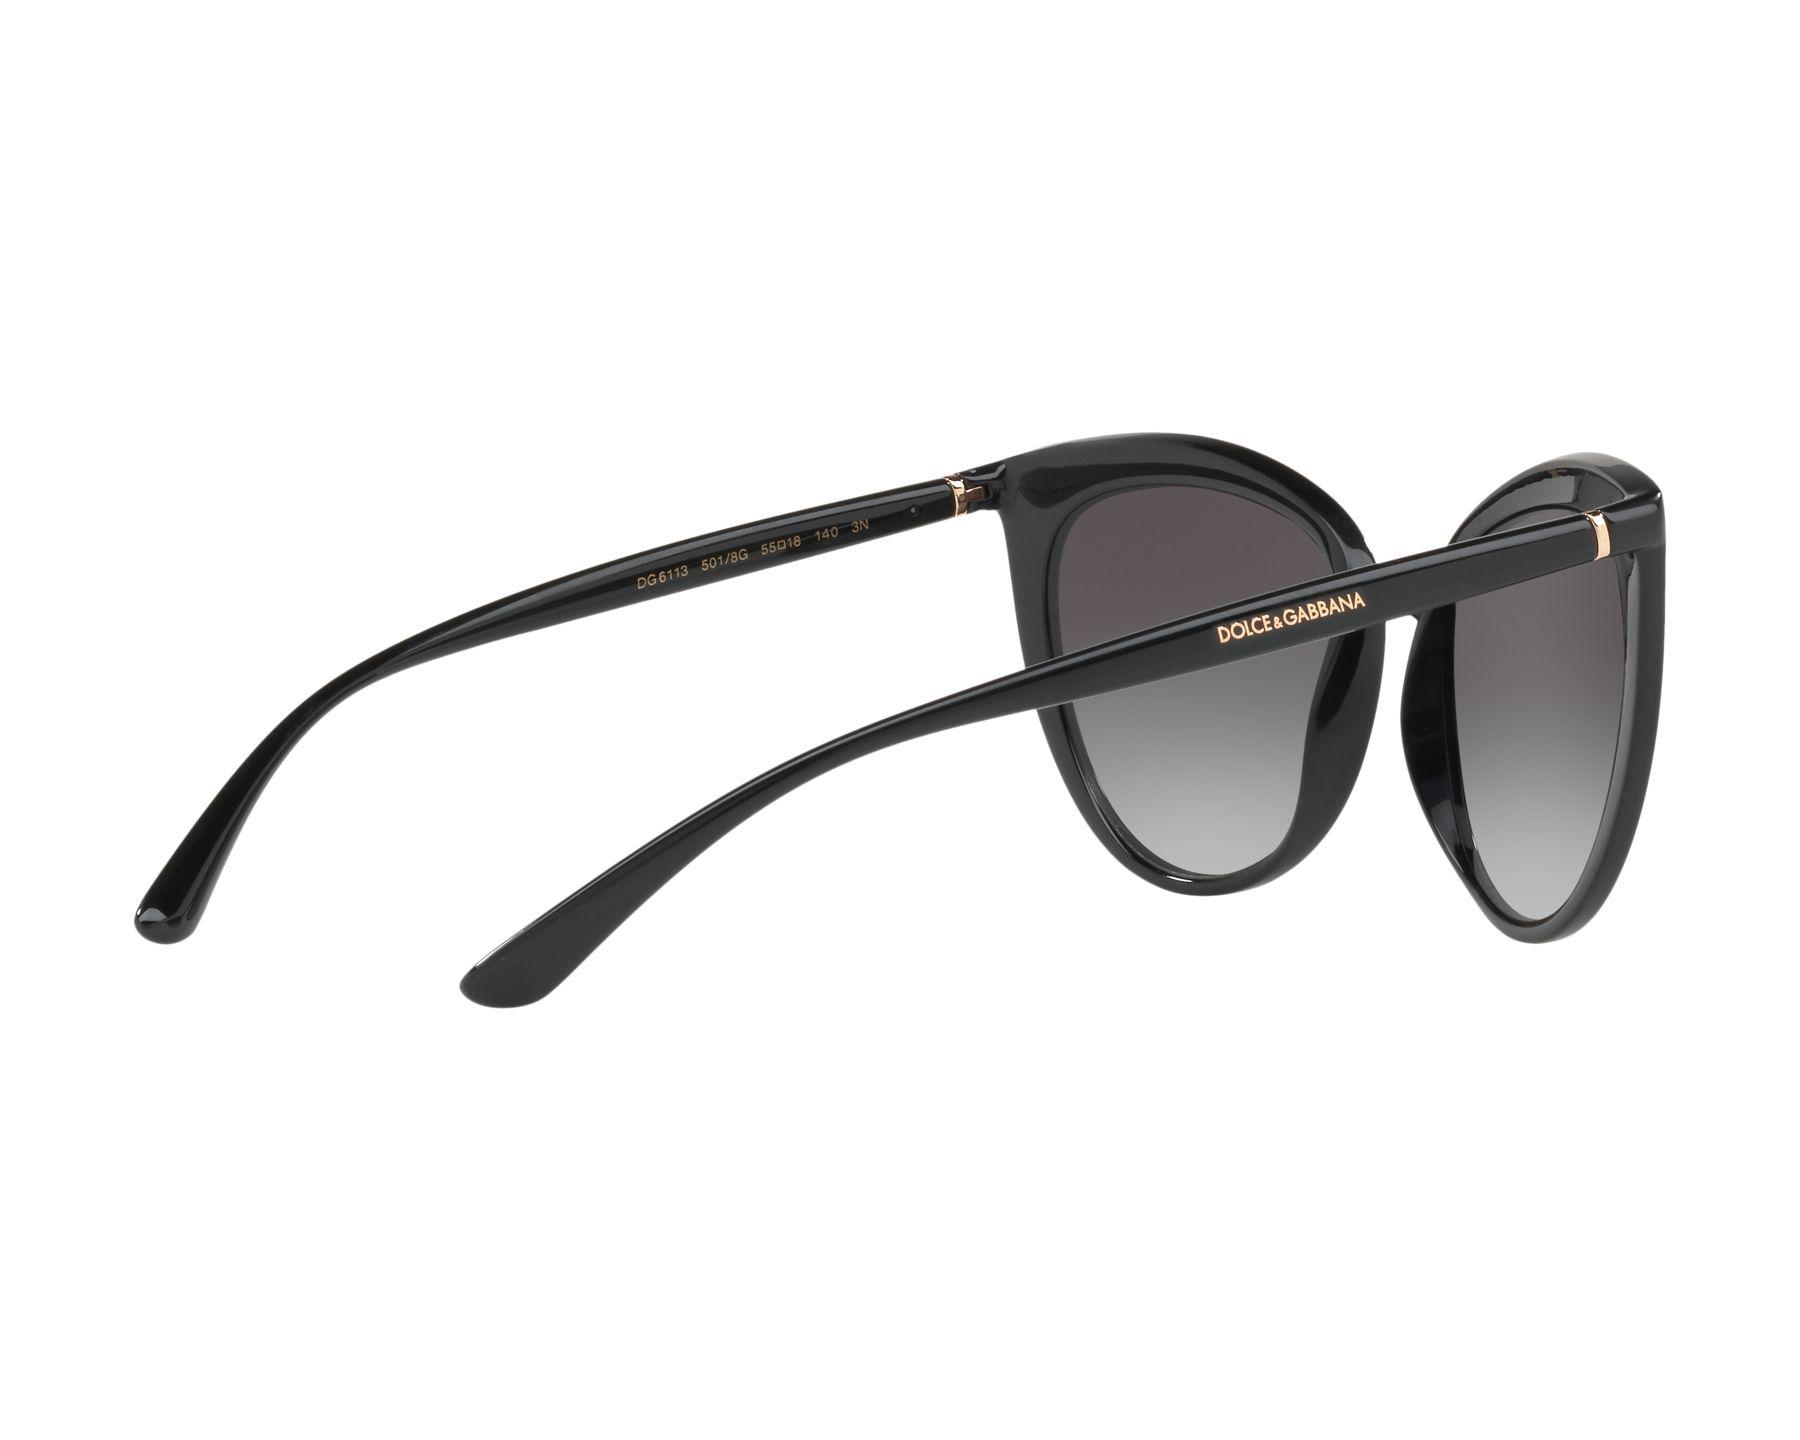 DOLCE & GABBANA Dolce & Gabbana Damen Sonnenbrille » DG6113«, schwarz, 501/8G - schwarz/grau